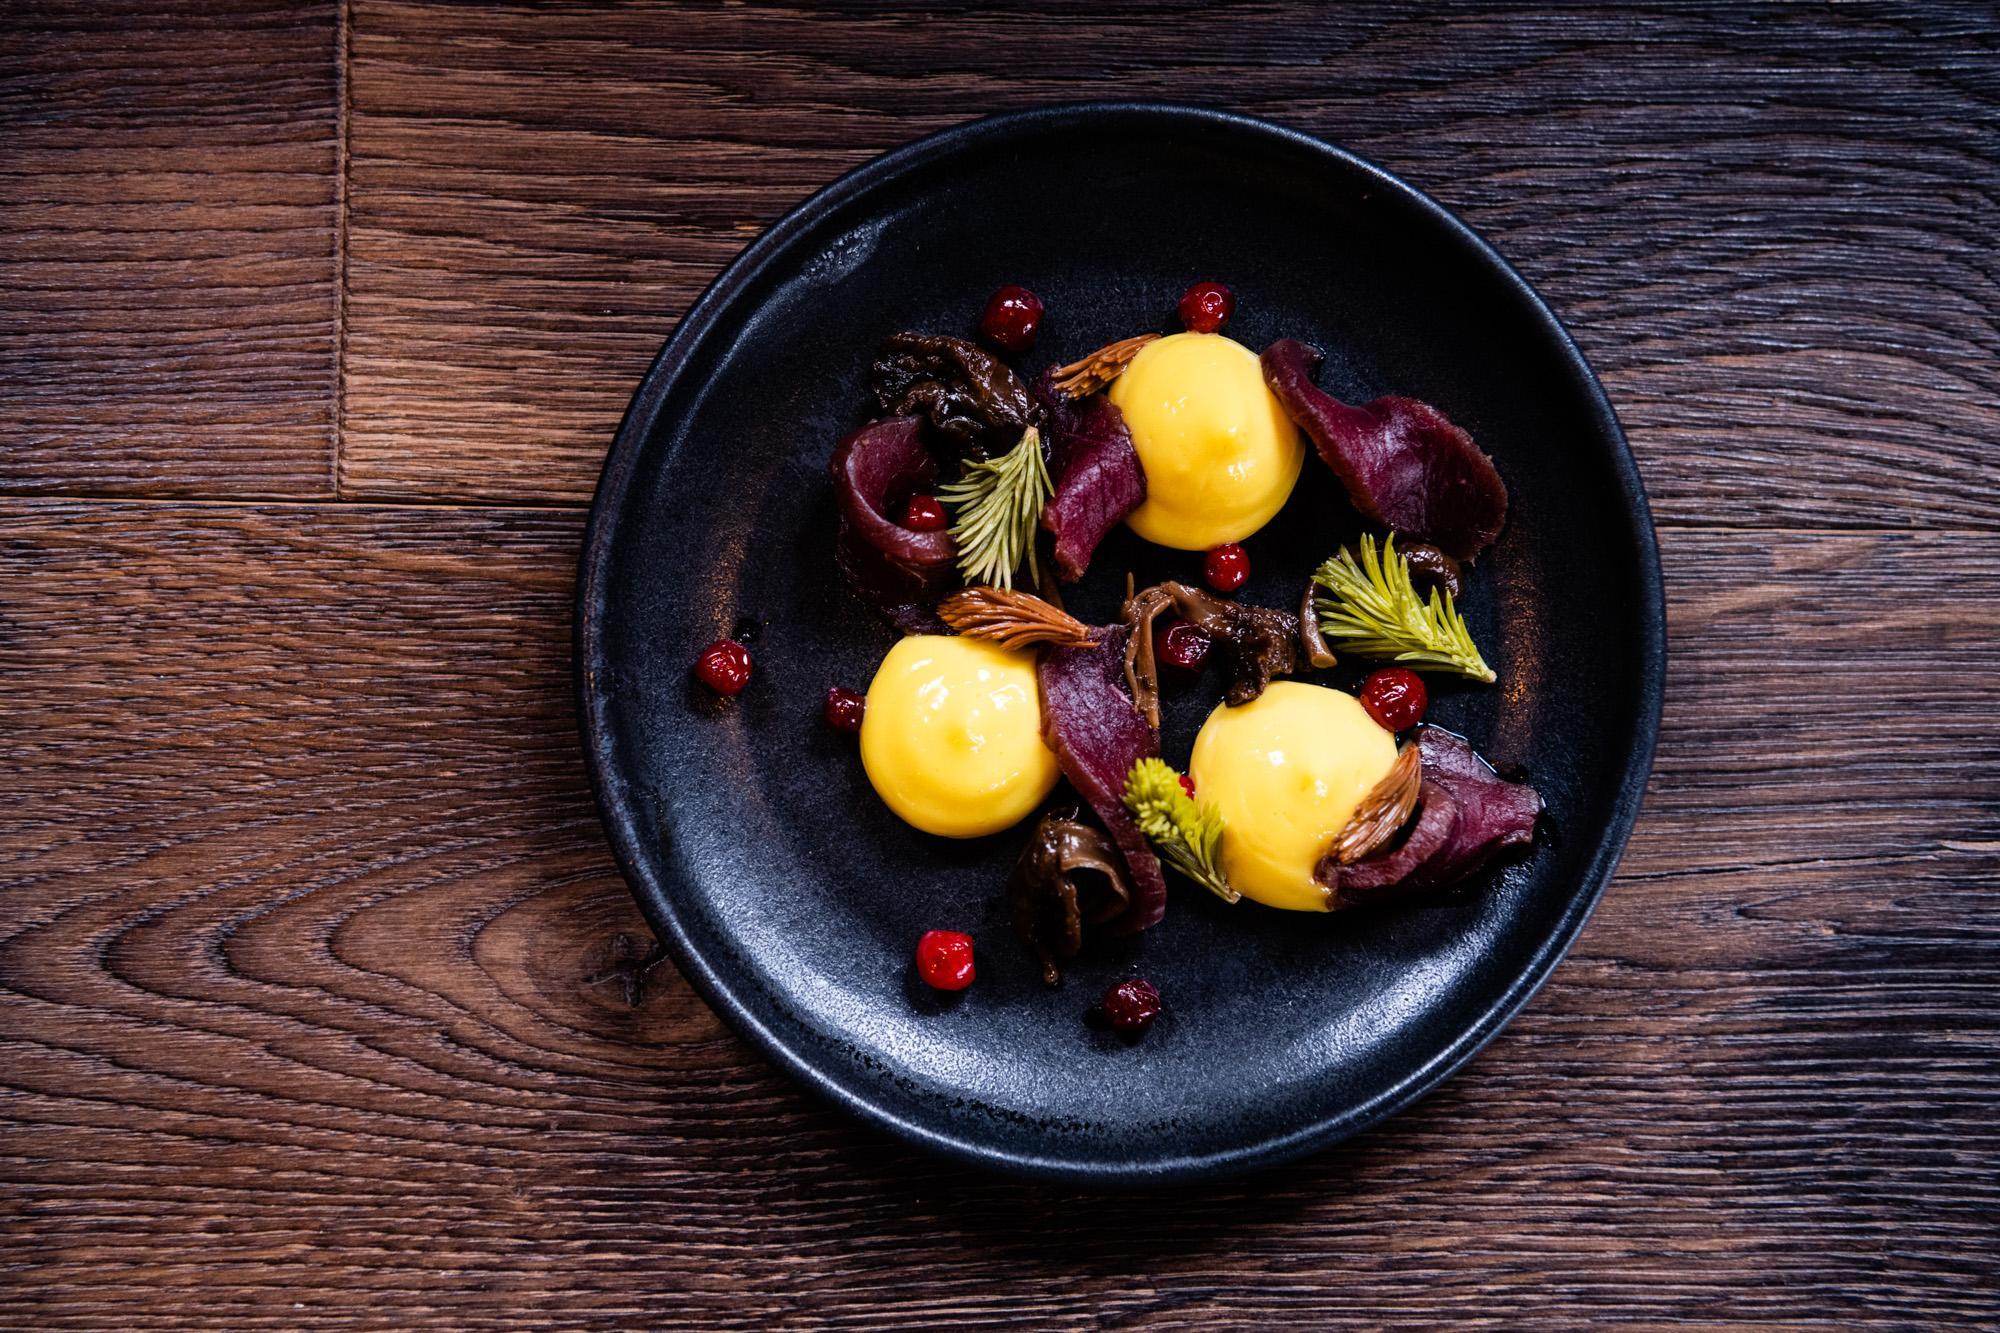 Un plat du restaurant gastronomique signé par le chef Ragnar Martinsson © Mattias Fredriksson